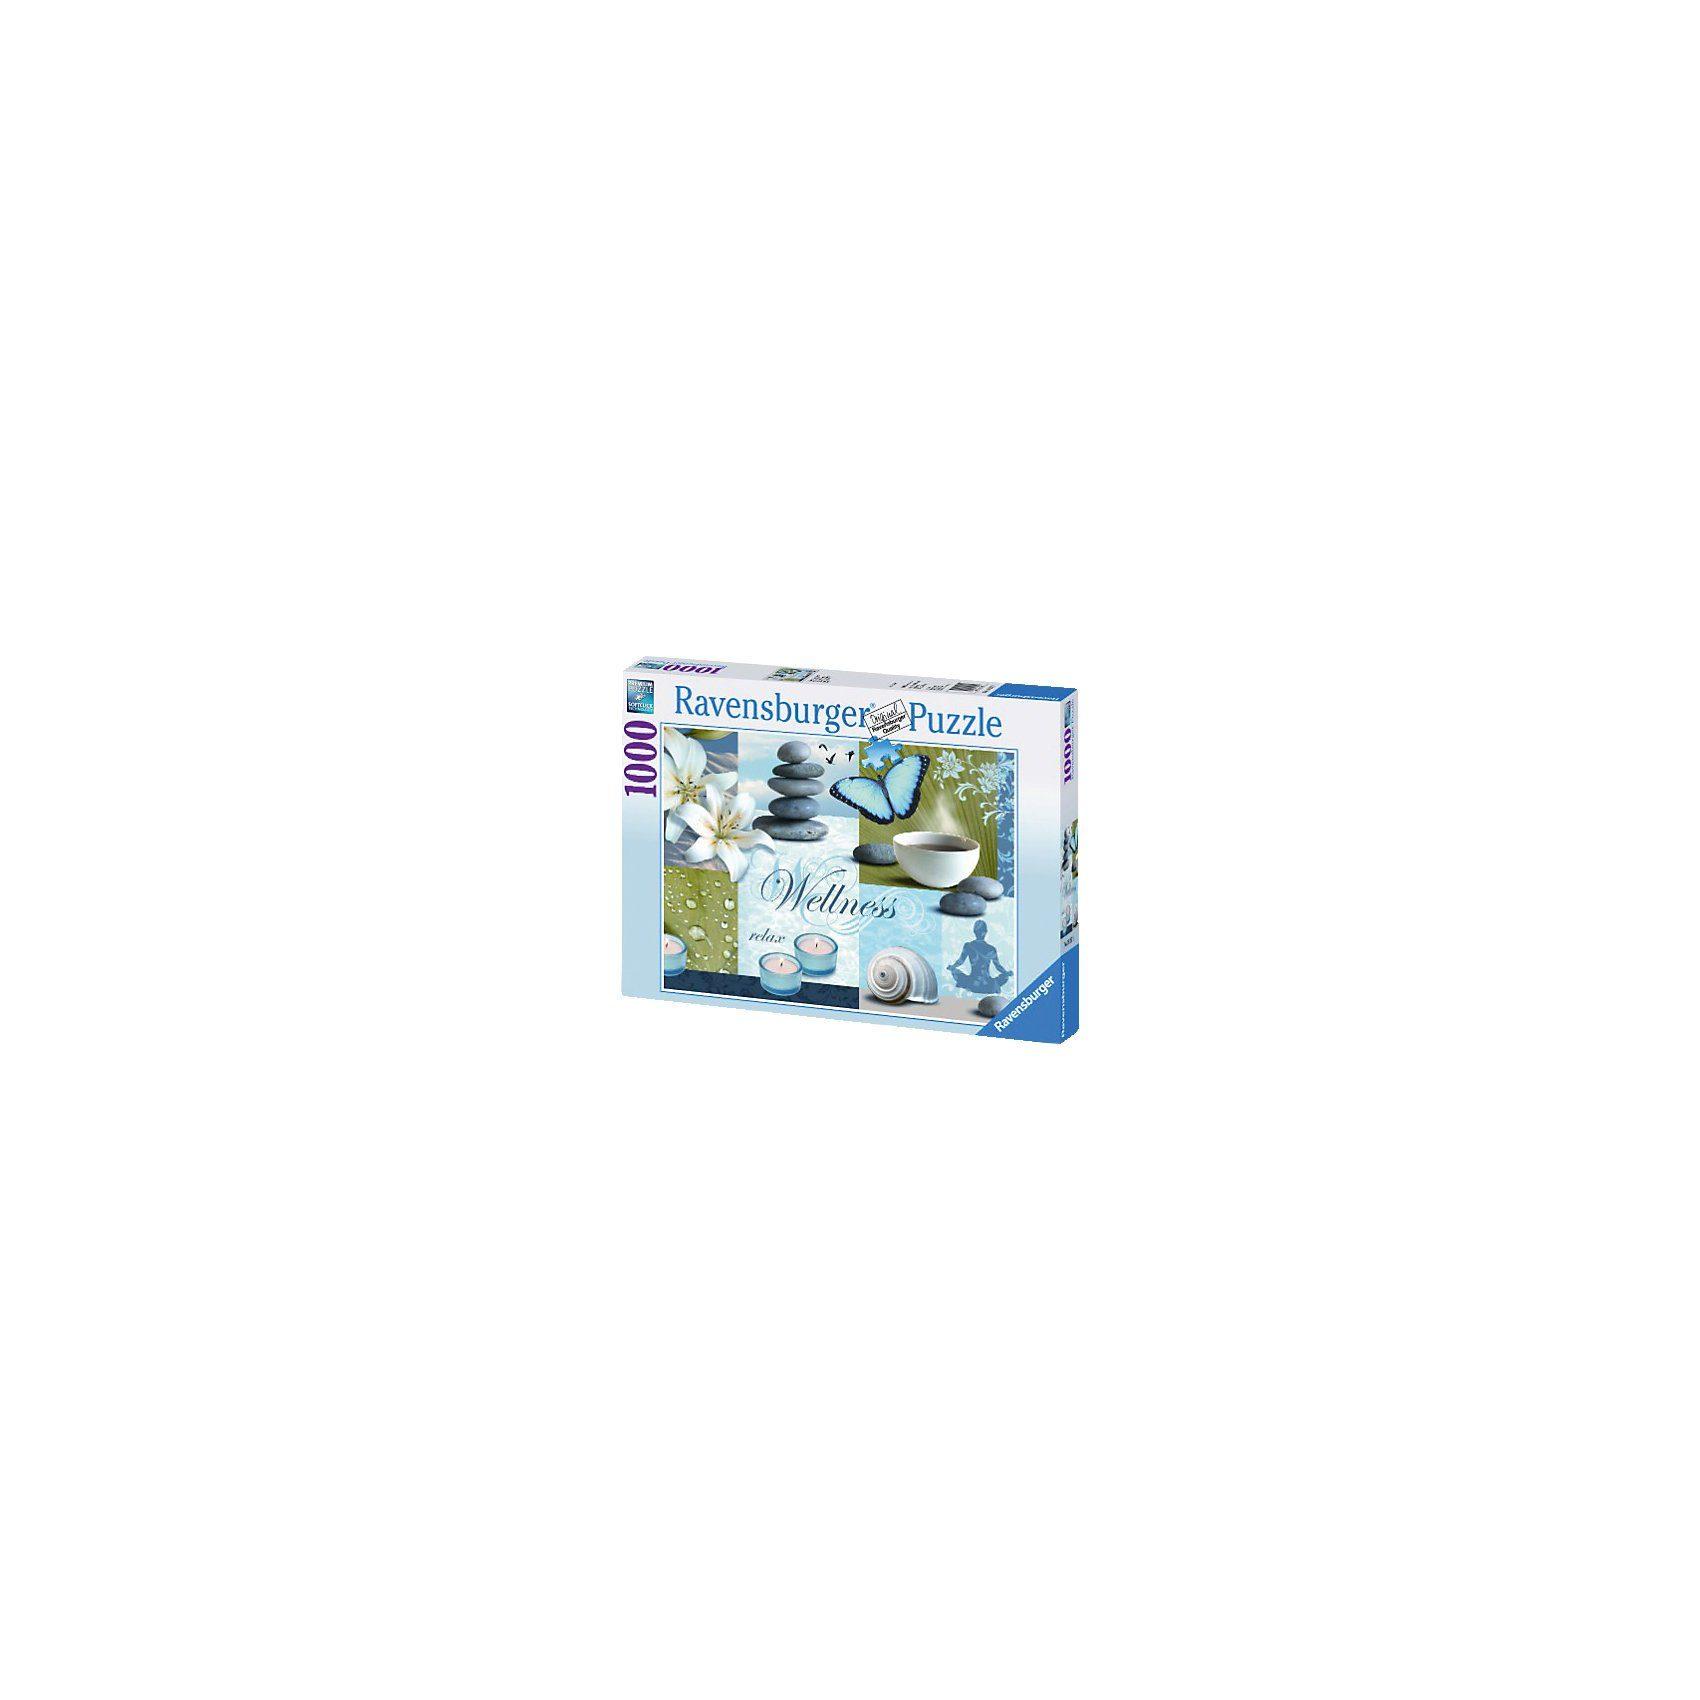 Ravensburger Pure Entspannung - 1000 Teile Puzzle